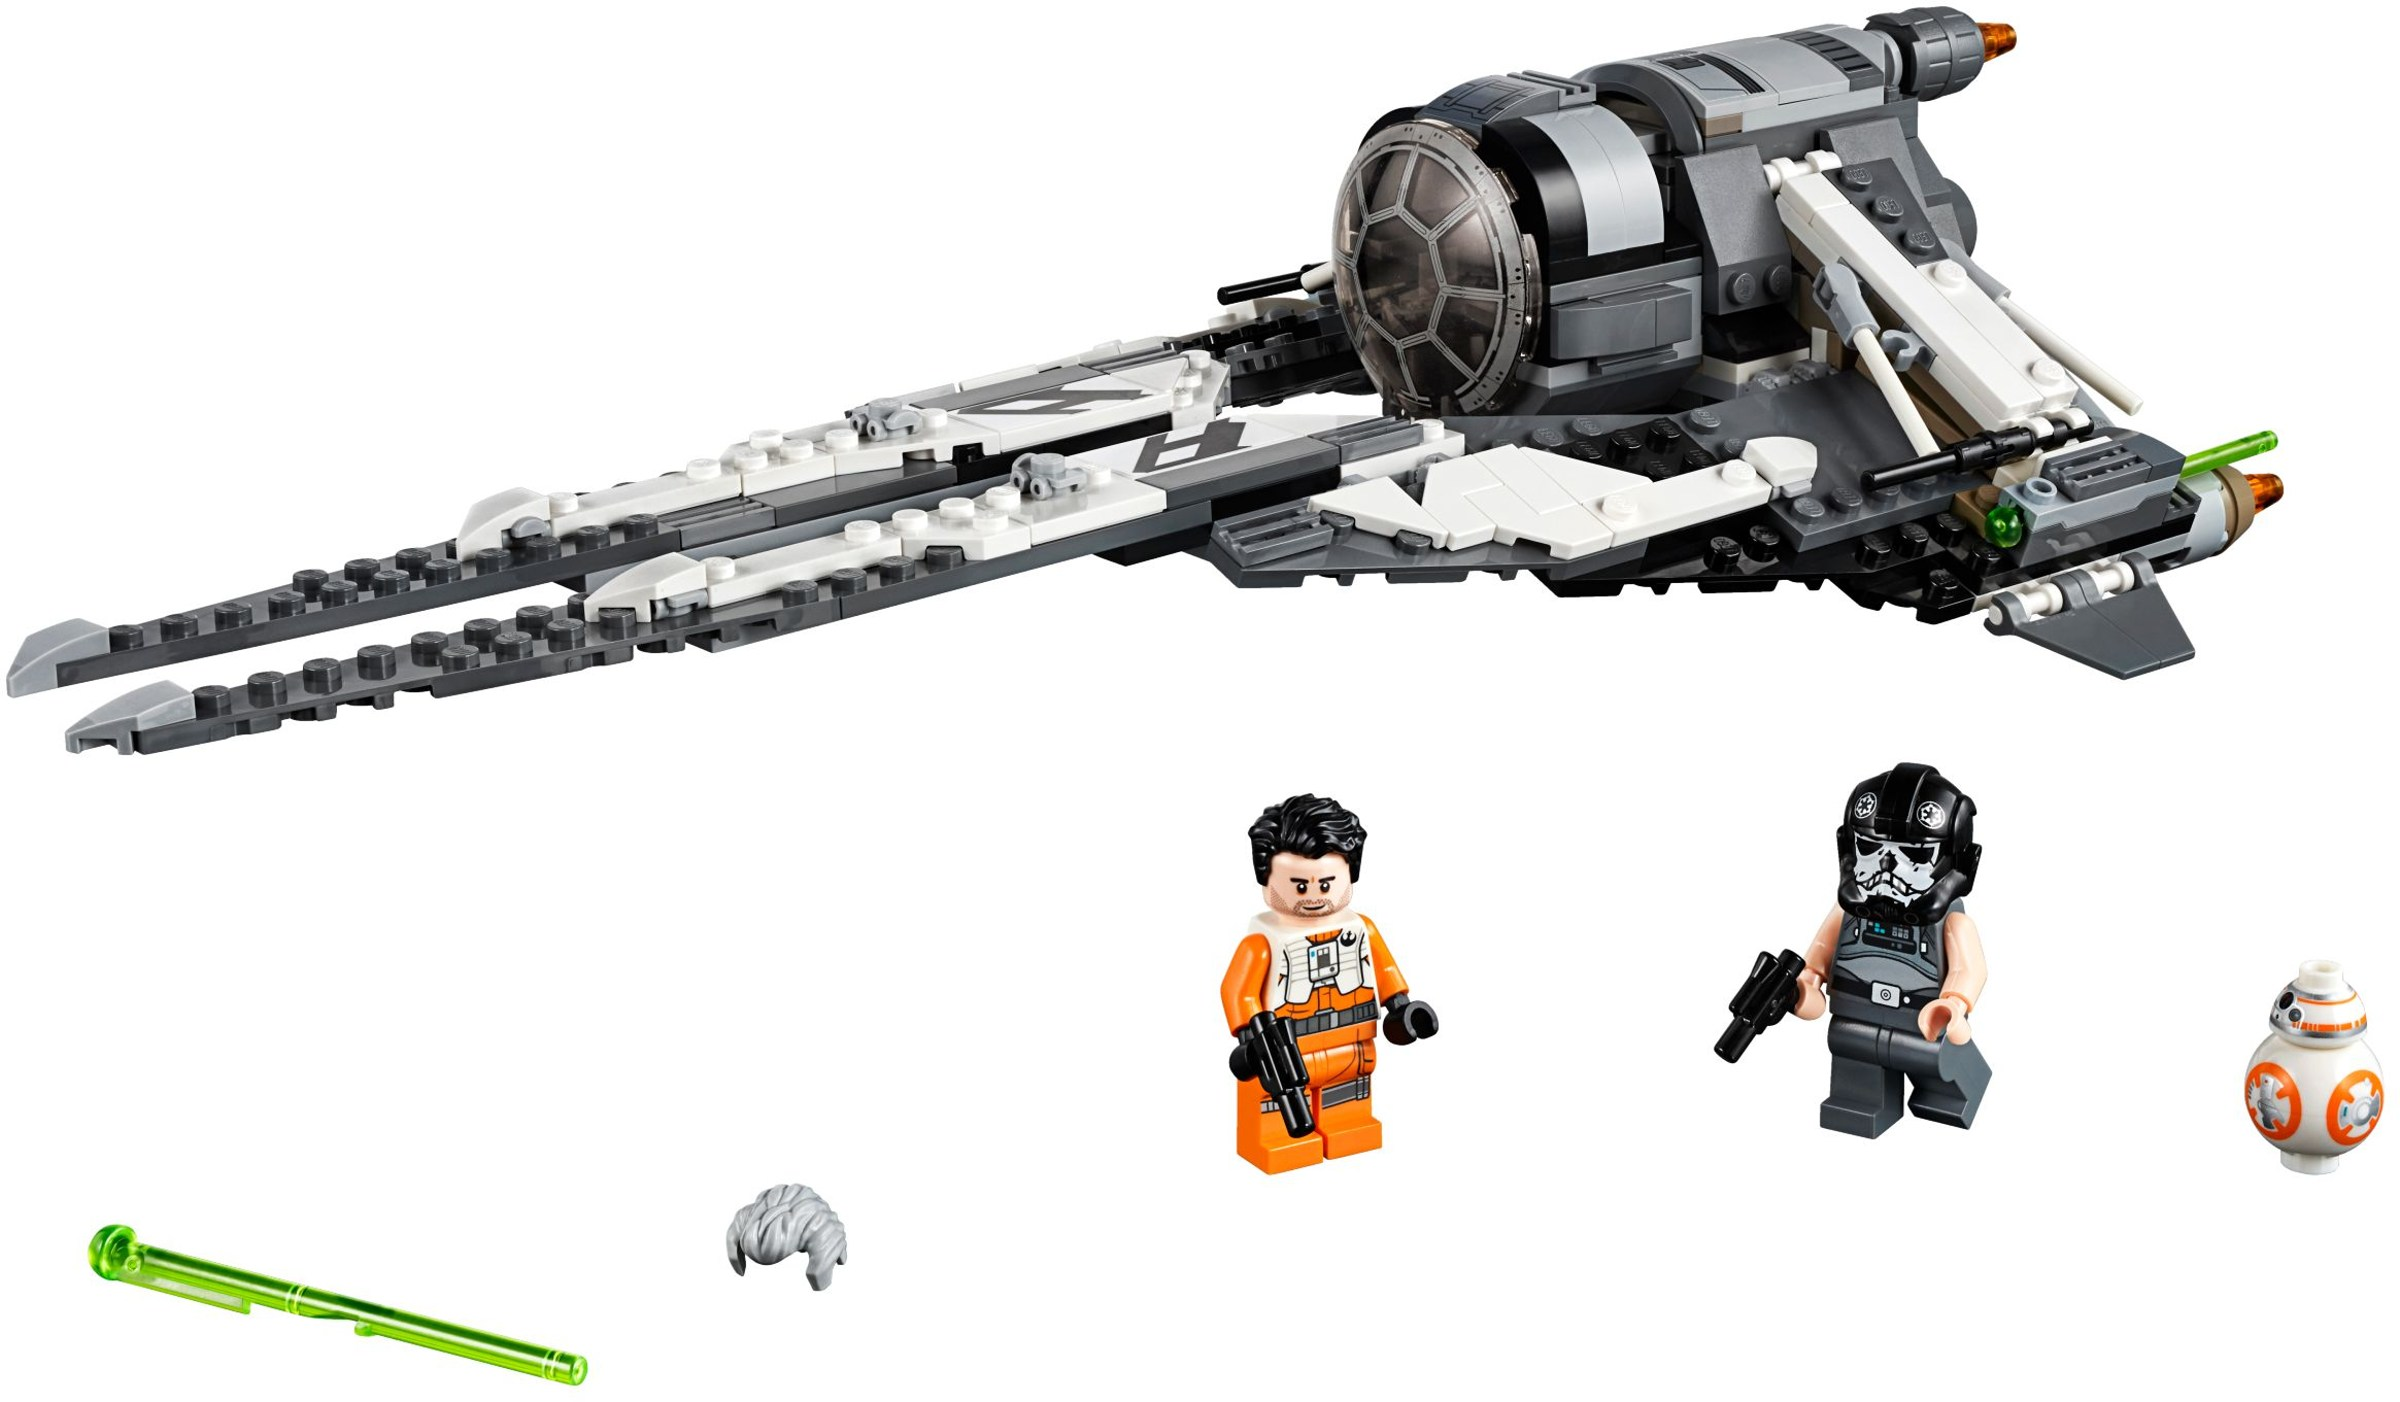 Kaufe LEGO Star Wars - Black Ace TIE Interceptor (75242)